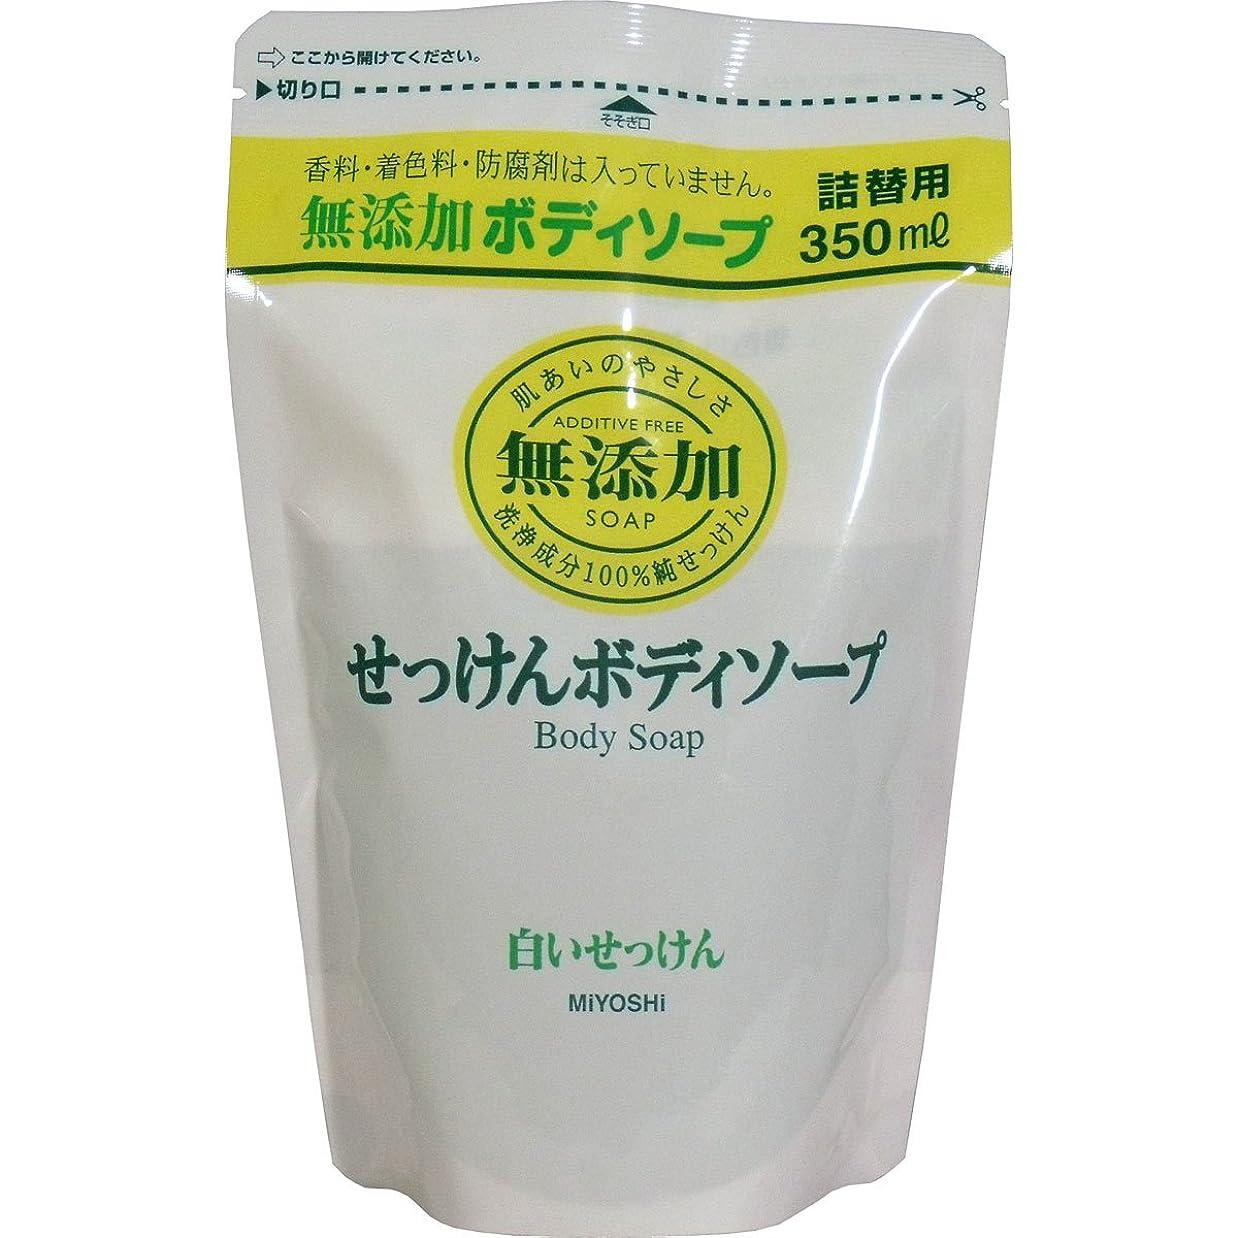 圧縮されたスープ第九ミヨシ石鹸 無添加 ボディソープ 白い石けん つめかえ用 350ml×20個セット(無添加石鹸)